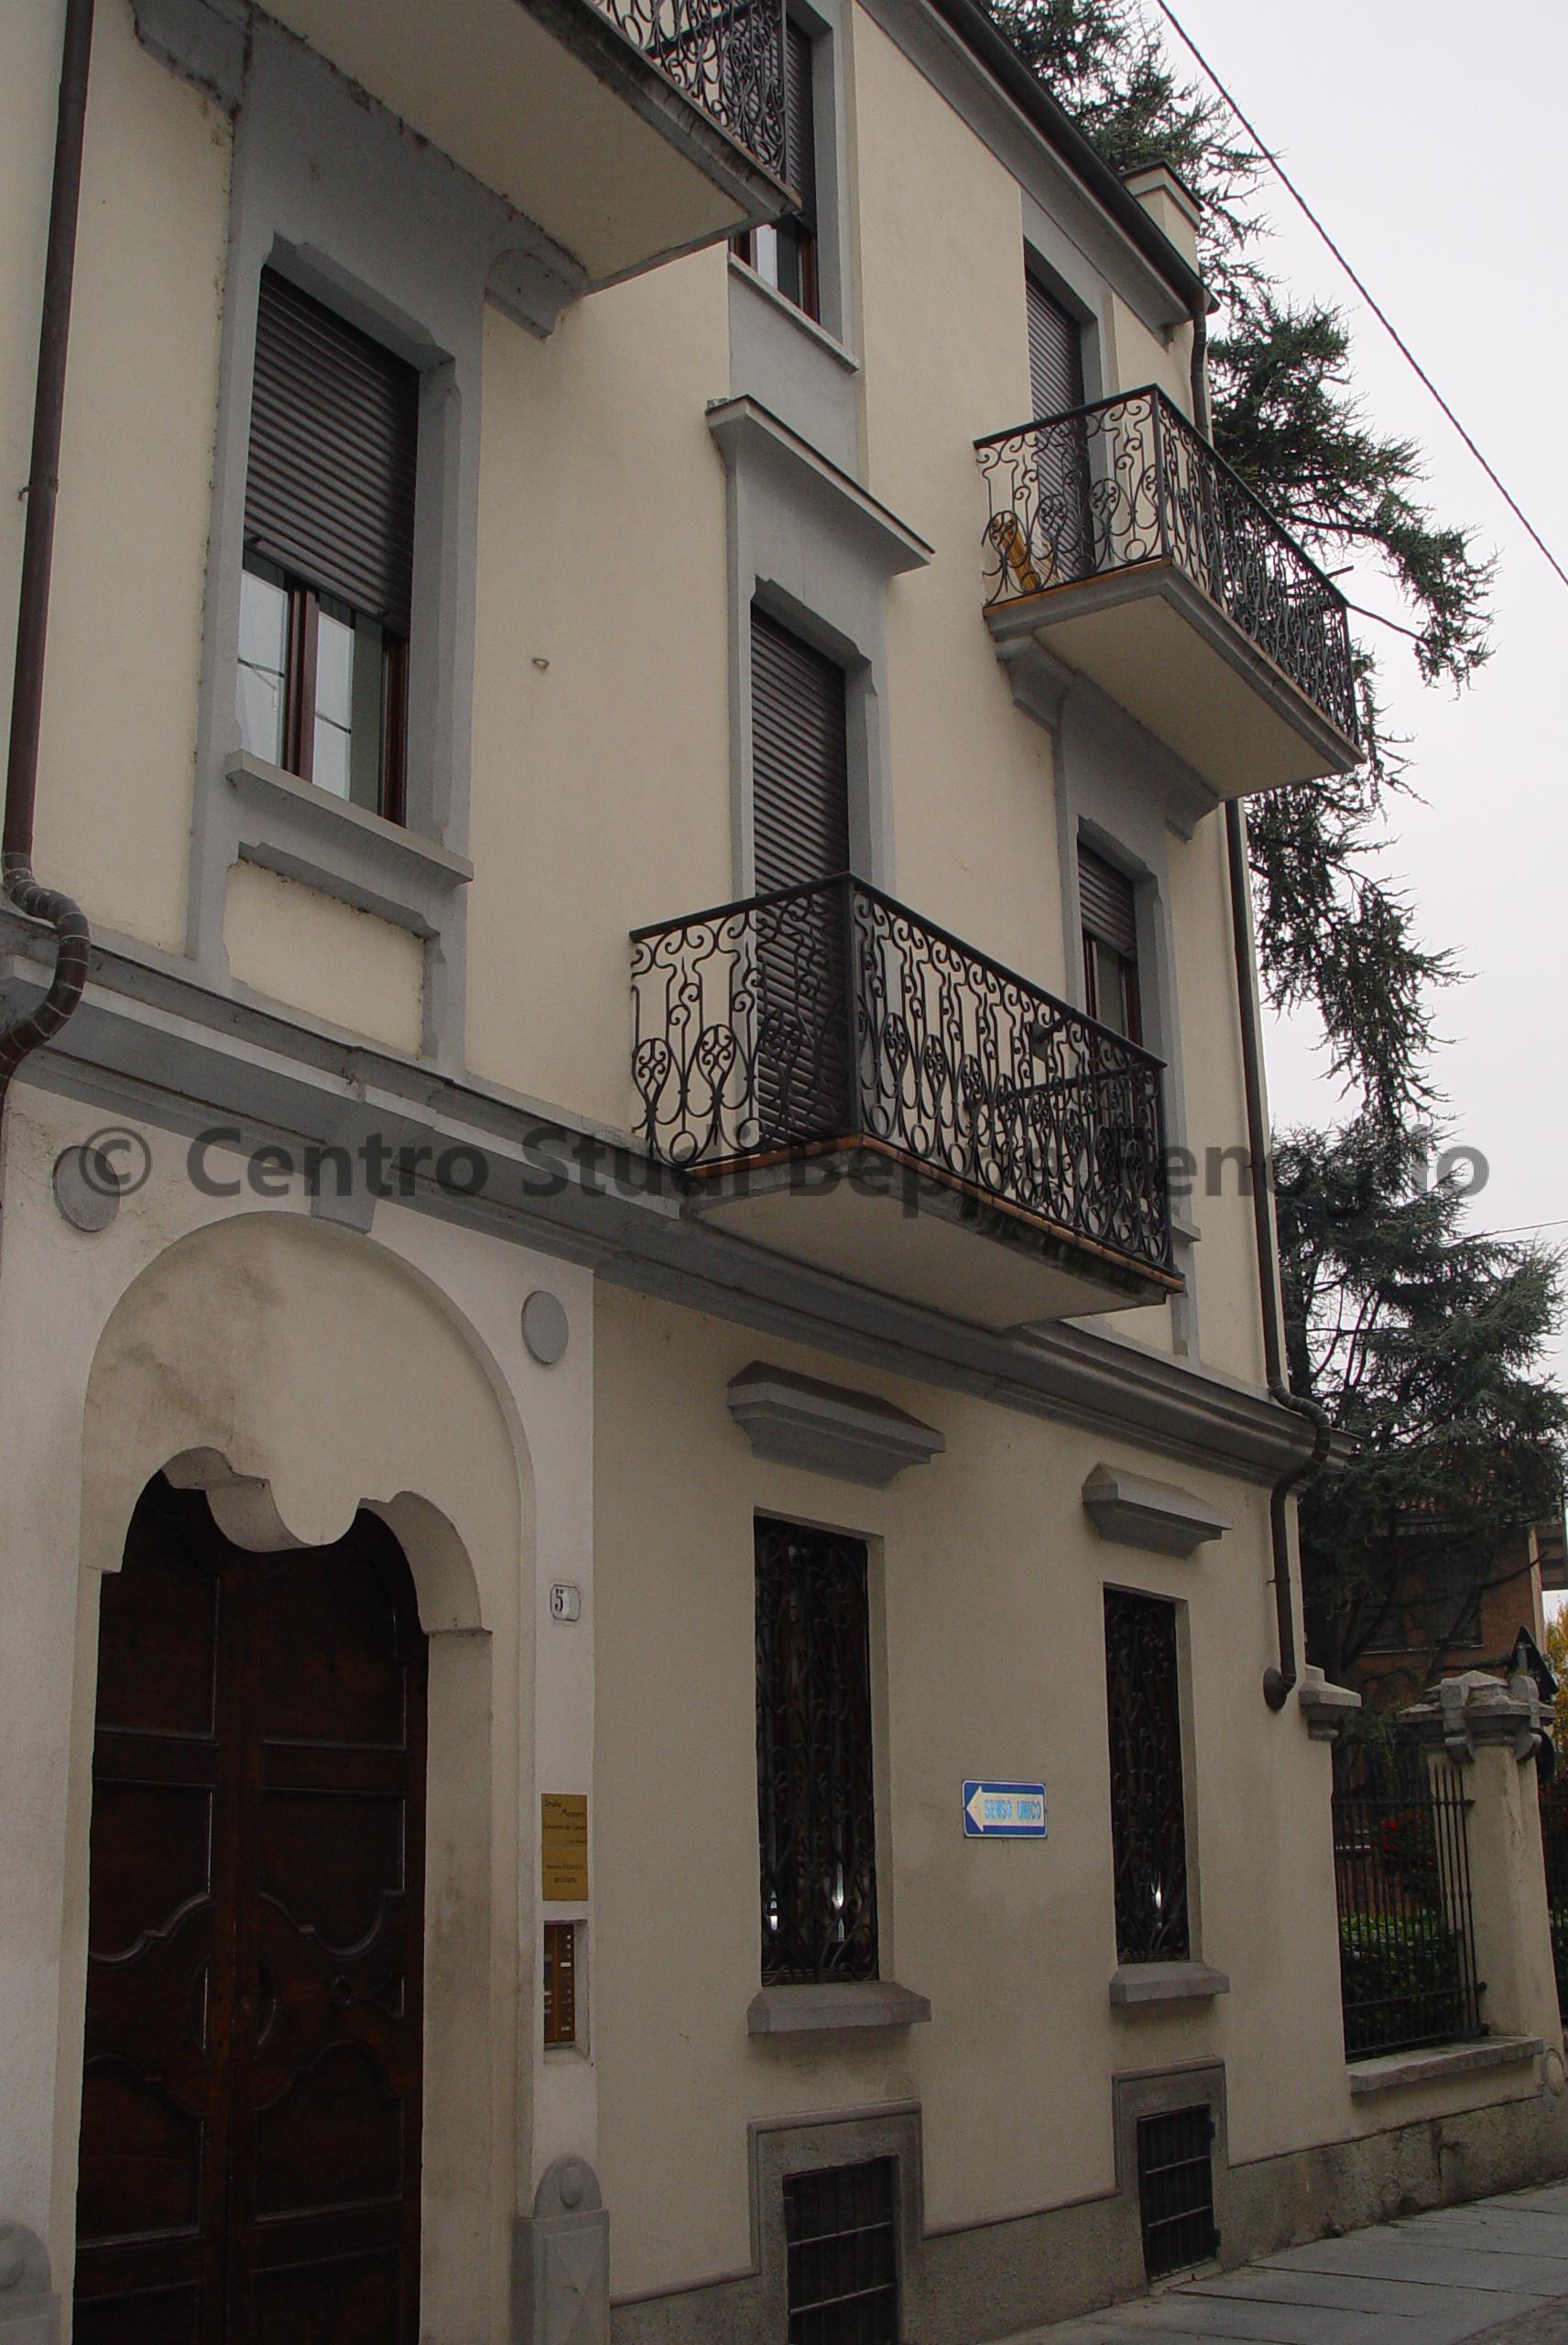 Architettura casa di via giraudi centro studi 39 beppe for Case di architettura spagnola